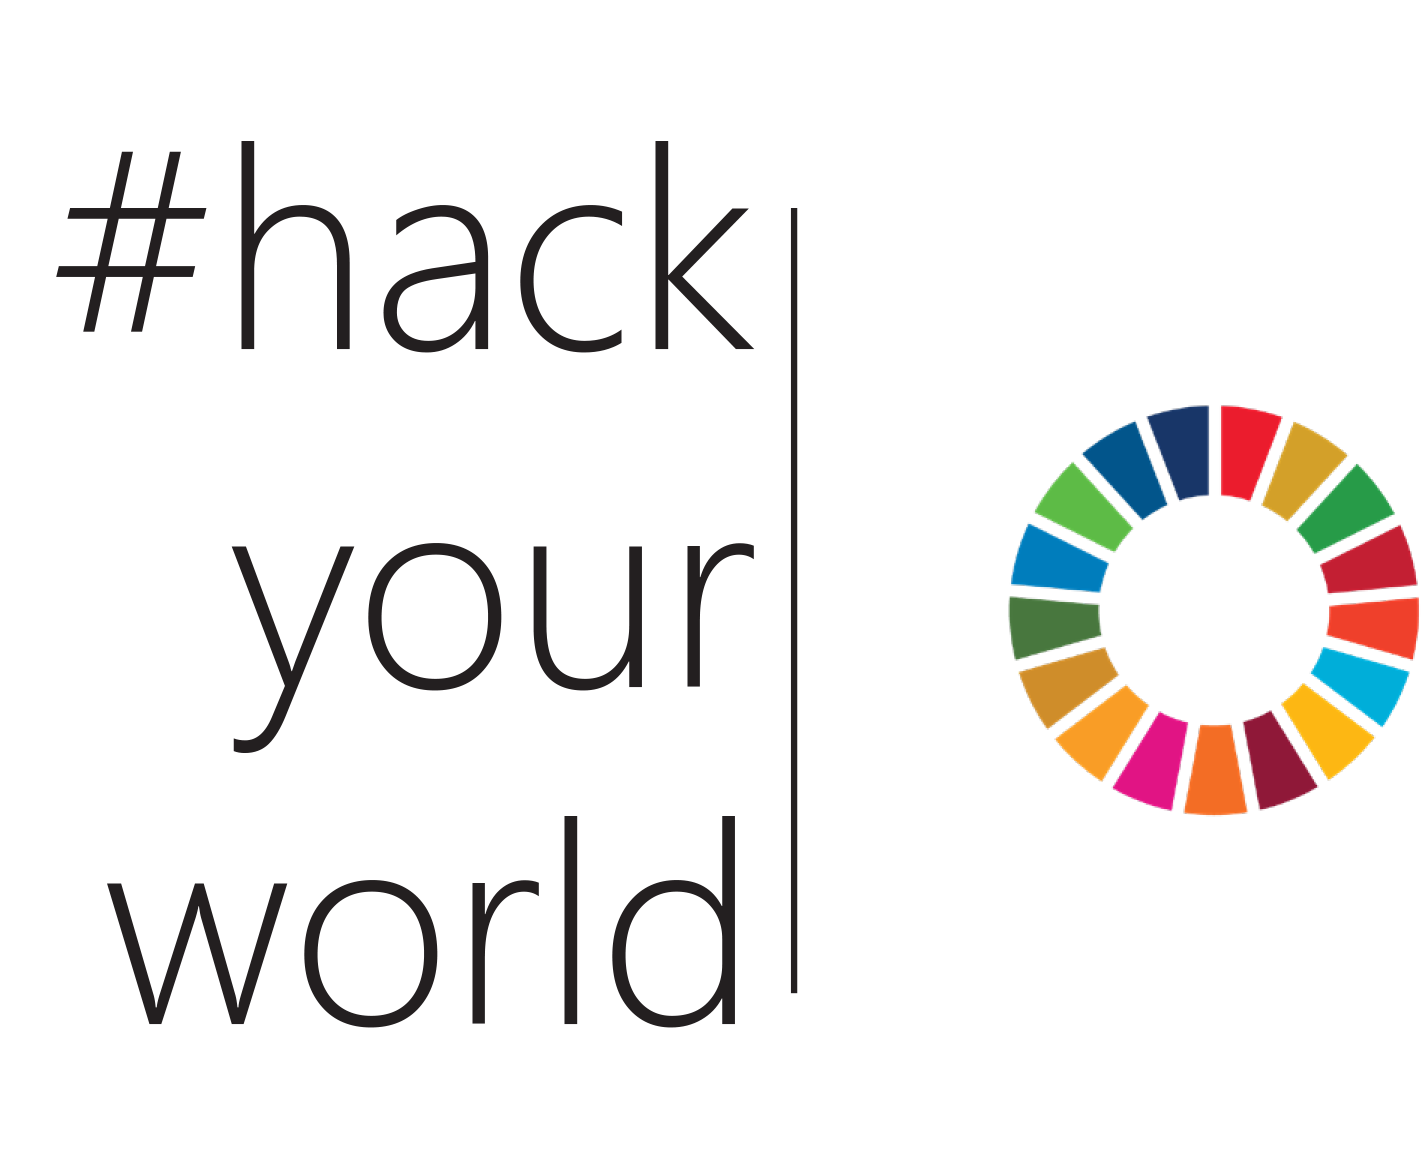 Hack Your World drivs av IBM, Ericsson och Drivhuset och stöttar FN:s hållbarhetsmål